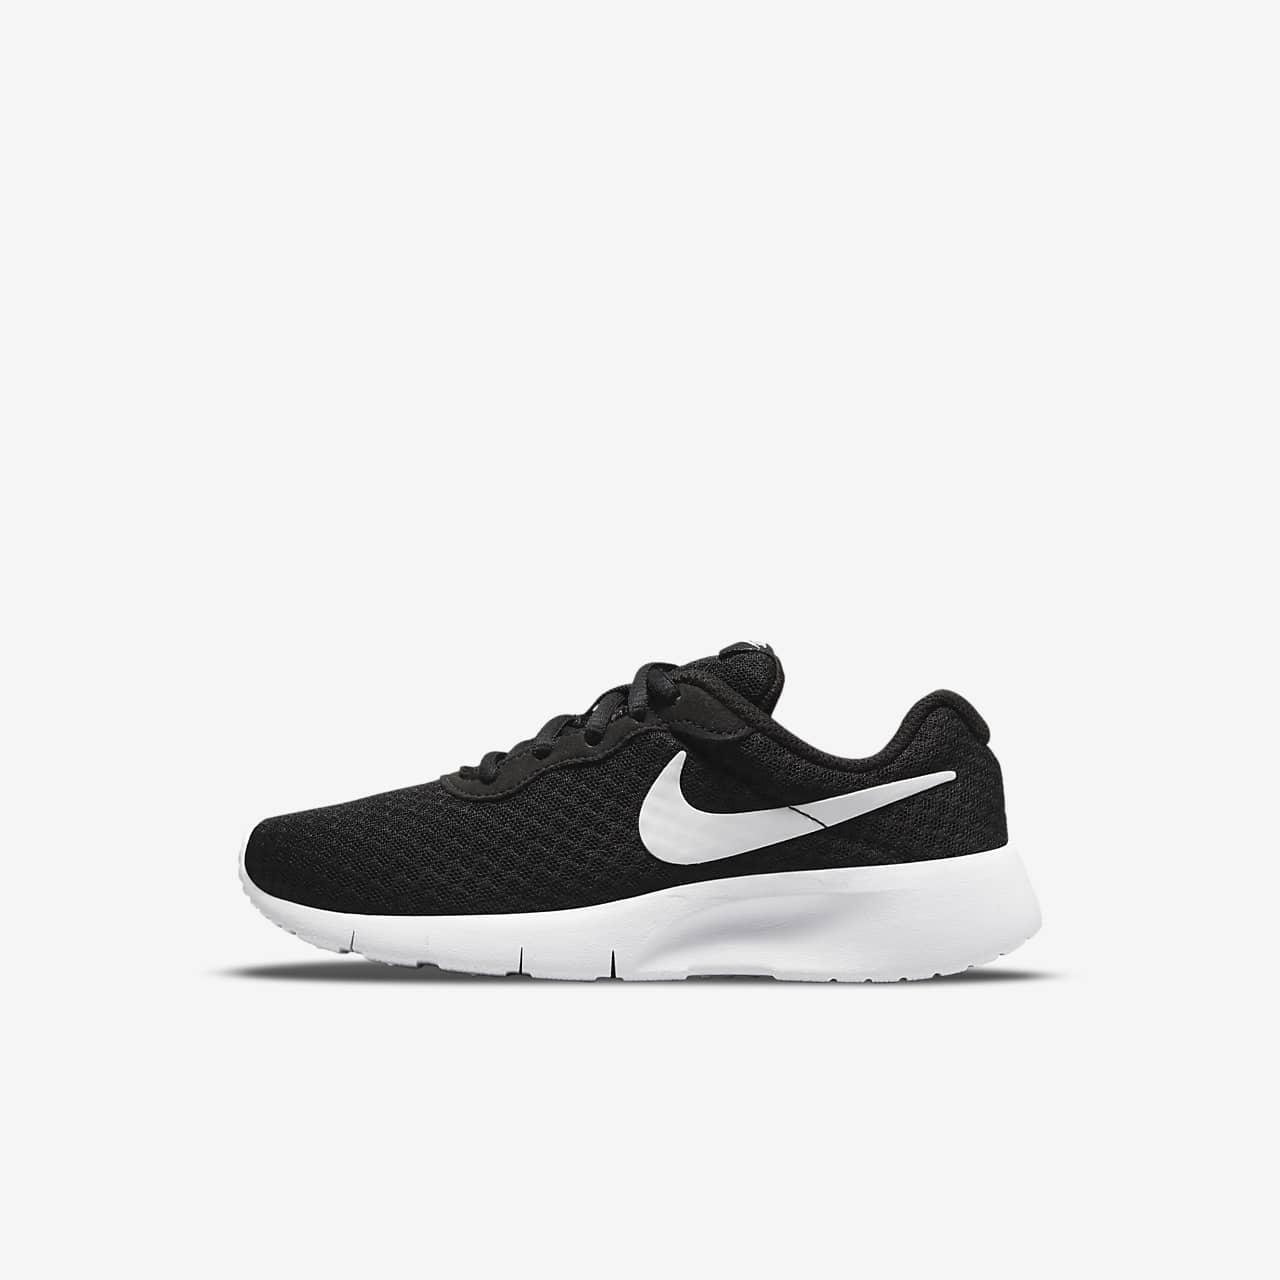 4dc76f53d94 Nike Tanjun Younger Kids  Shoe. Nike.com IE